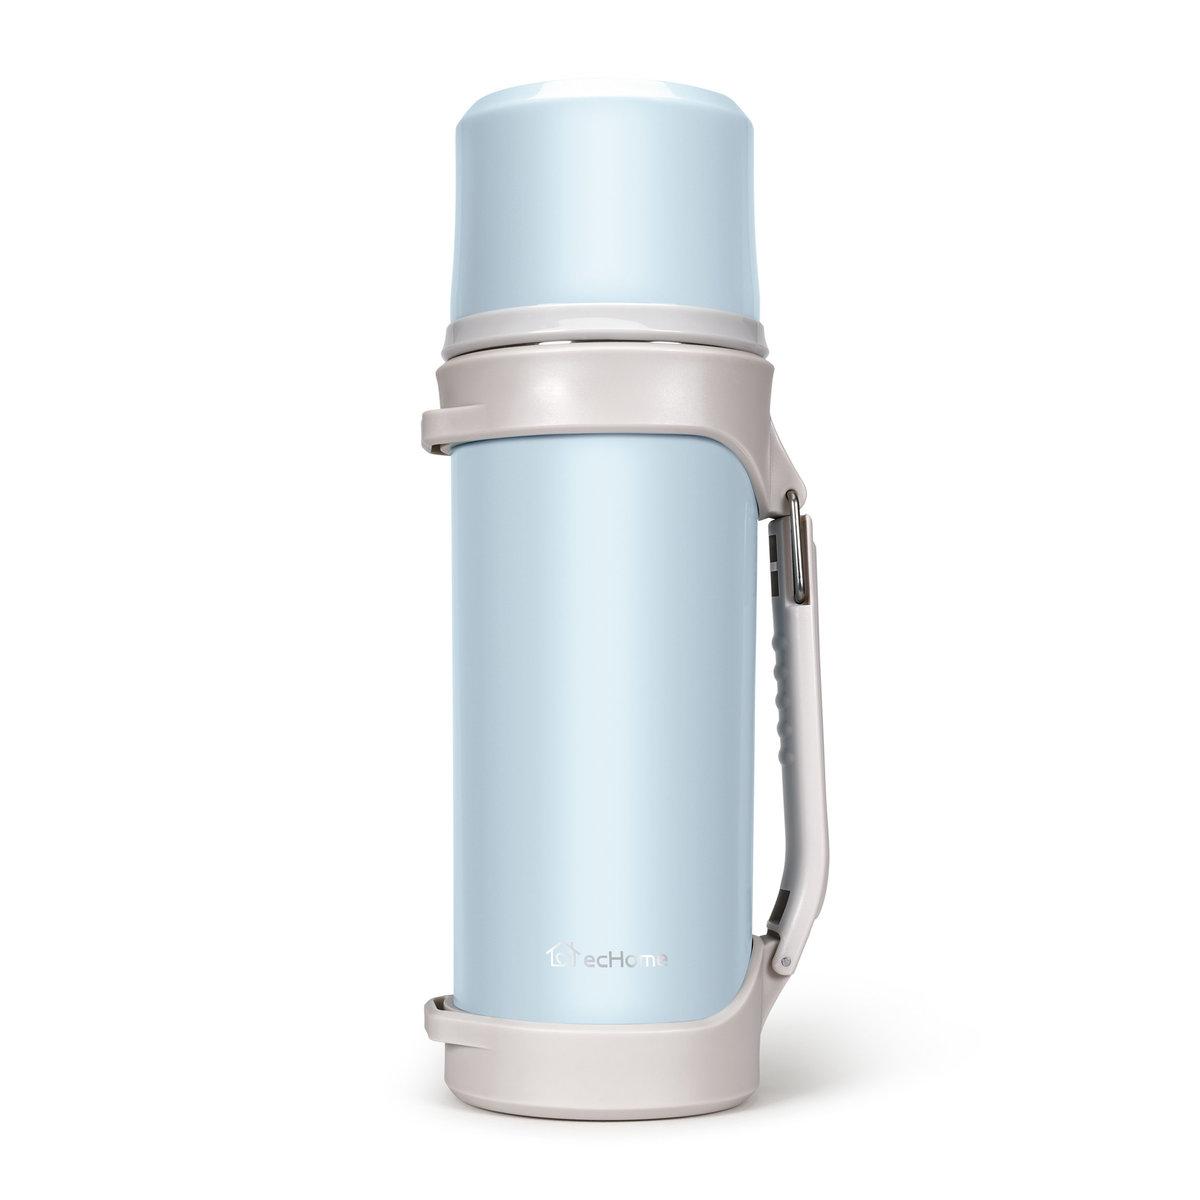 1.2L vacuum pot - VP1200BL